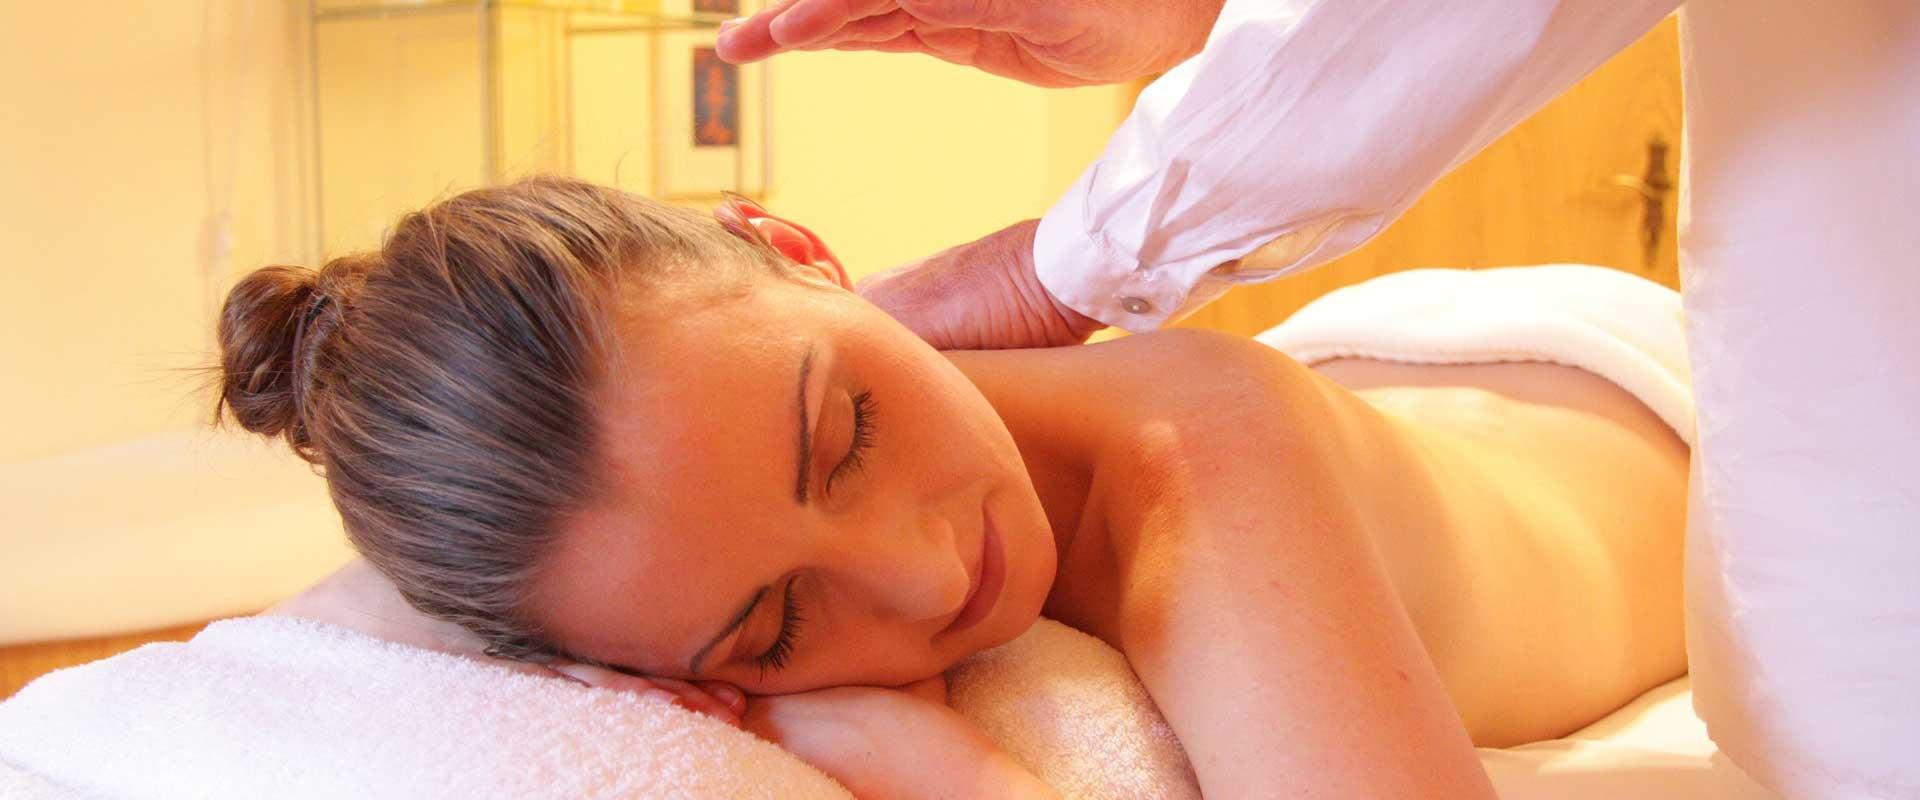 Giornate relax massaggio meditazione B&B & Meditation Center Zorba Il Buddha Passerano Marmorito Asti